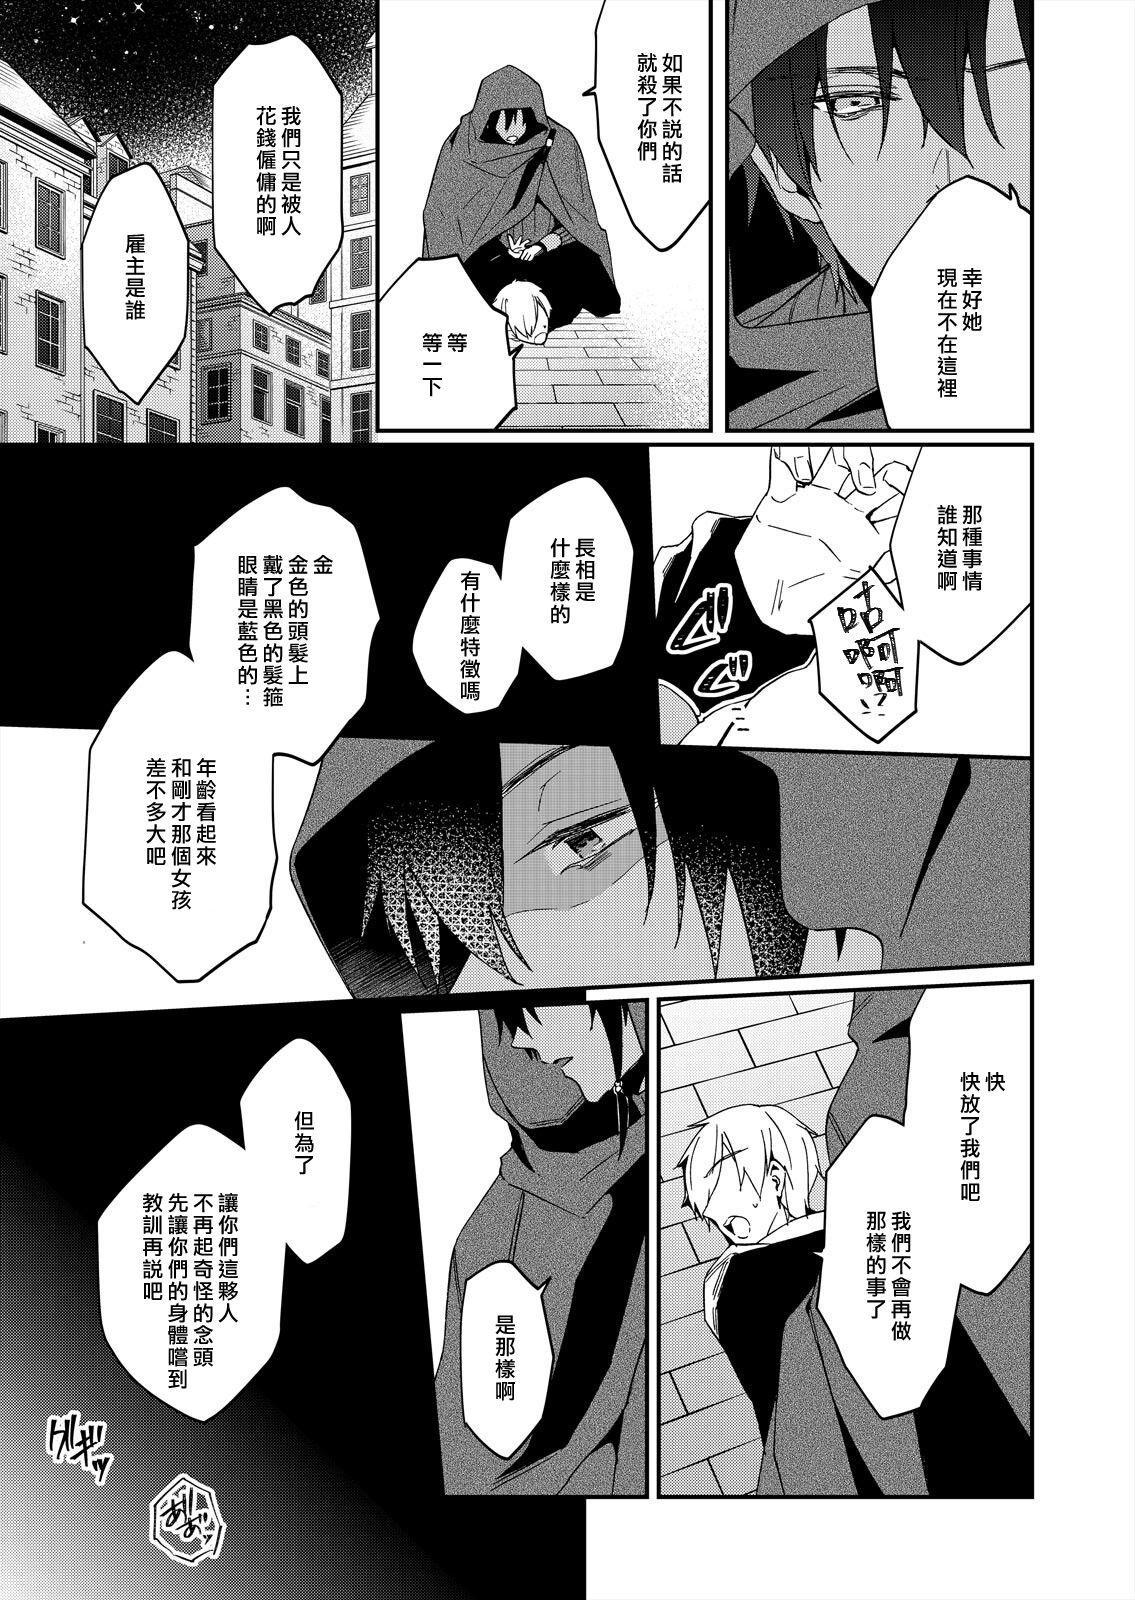 [Yuzushiwo] Akuyaku Reijou wa Ichizu ni Dekiai sarete ~Noumitsu Sex no Aite wa Juuboku~ | 被疯狂溺爱的反派大小姐~浓密性爱对象是仆从~ 1-5 [Chinese] [莉赛特汉化组] 112